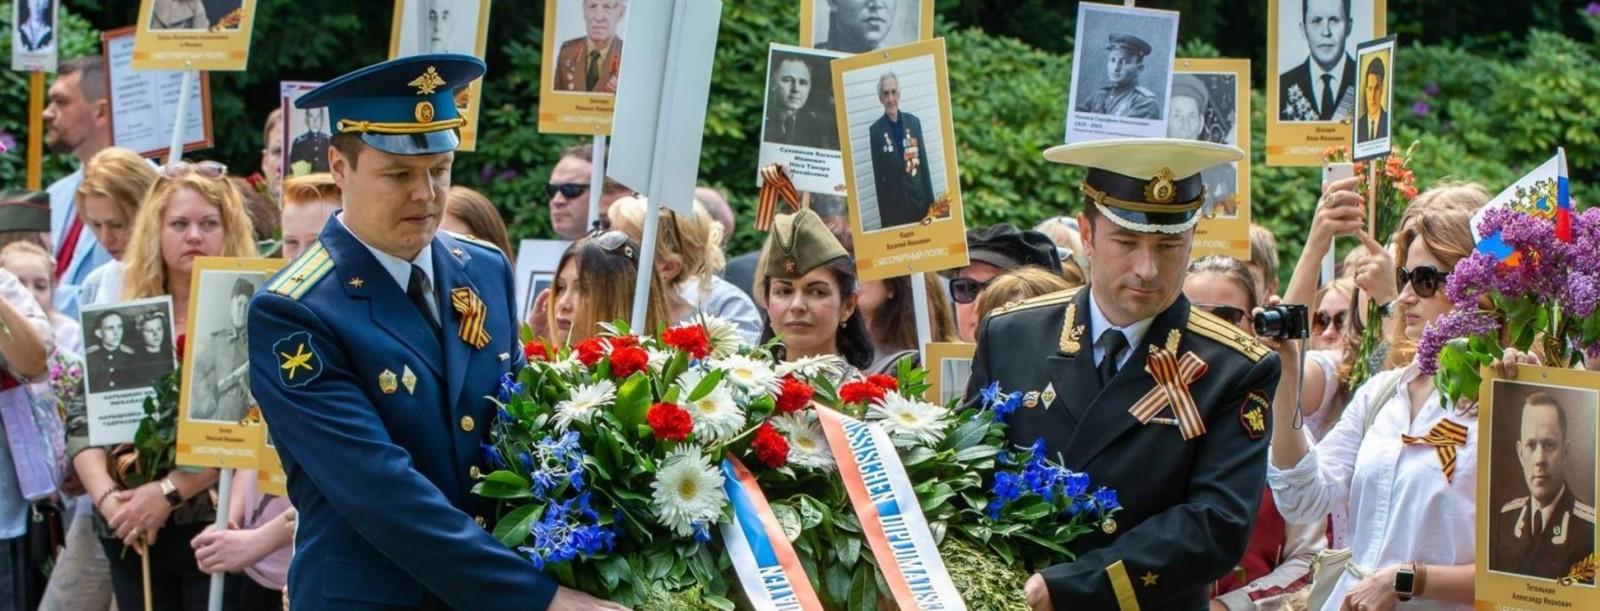 Соотечественники за рубежом ведут подготовку к празднованию 75-летия Победы